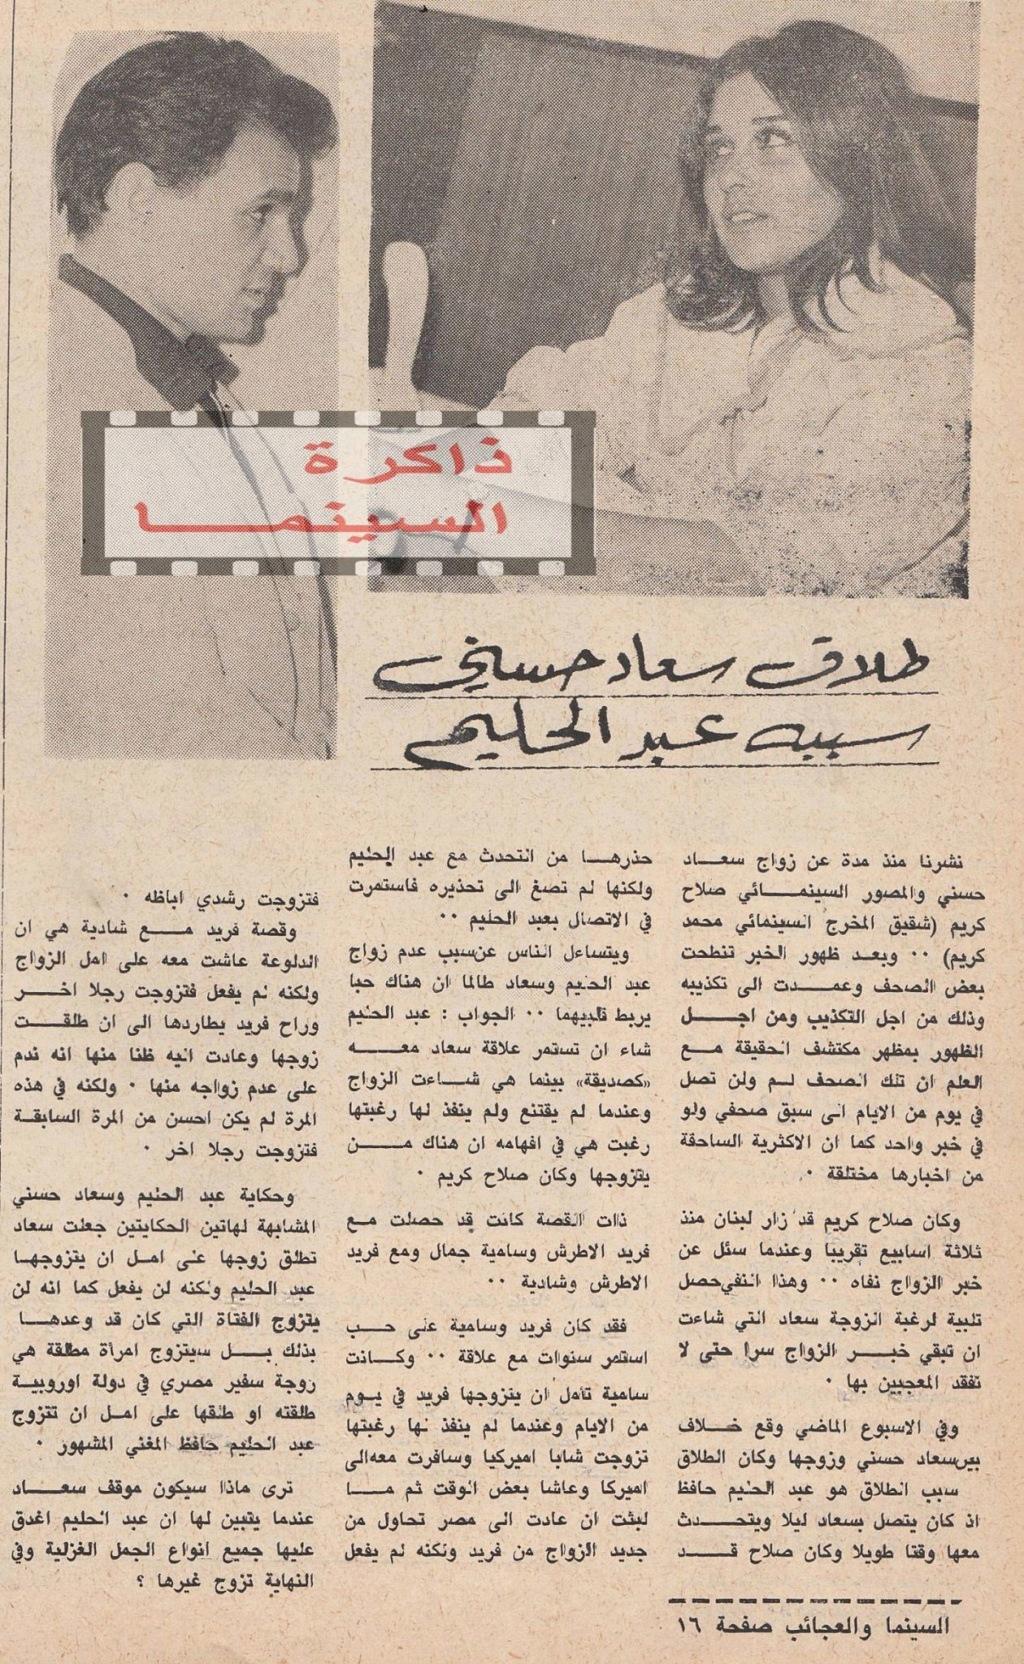 مقال - مقال صحفي : طلاق سعاد حسني سببه عبدالحليم 1968 م Aa_c_y10